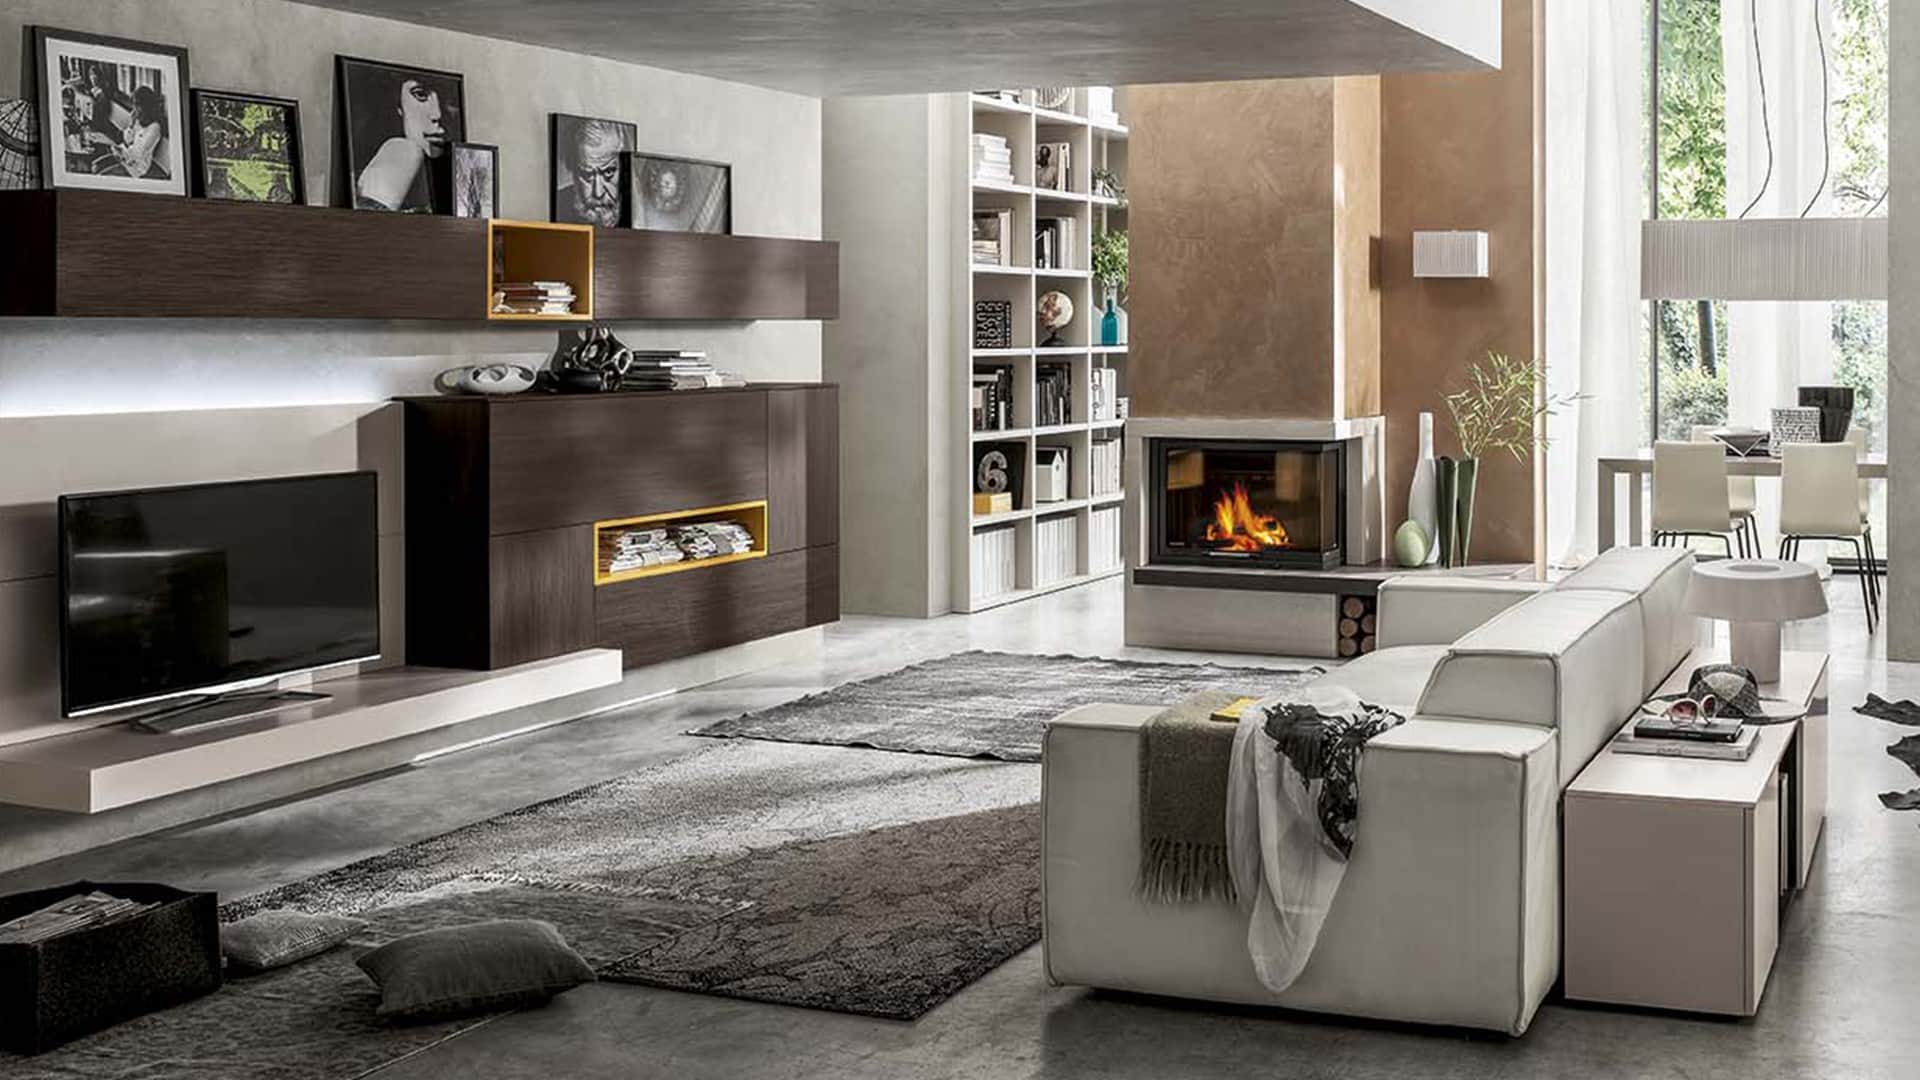 Vendita di mobili per soggiorno a padova mobili da for Arredamento moderno casa